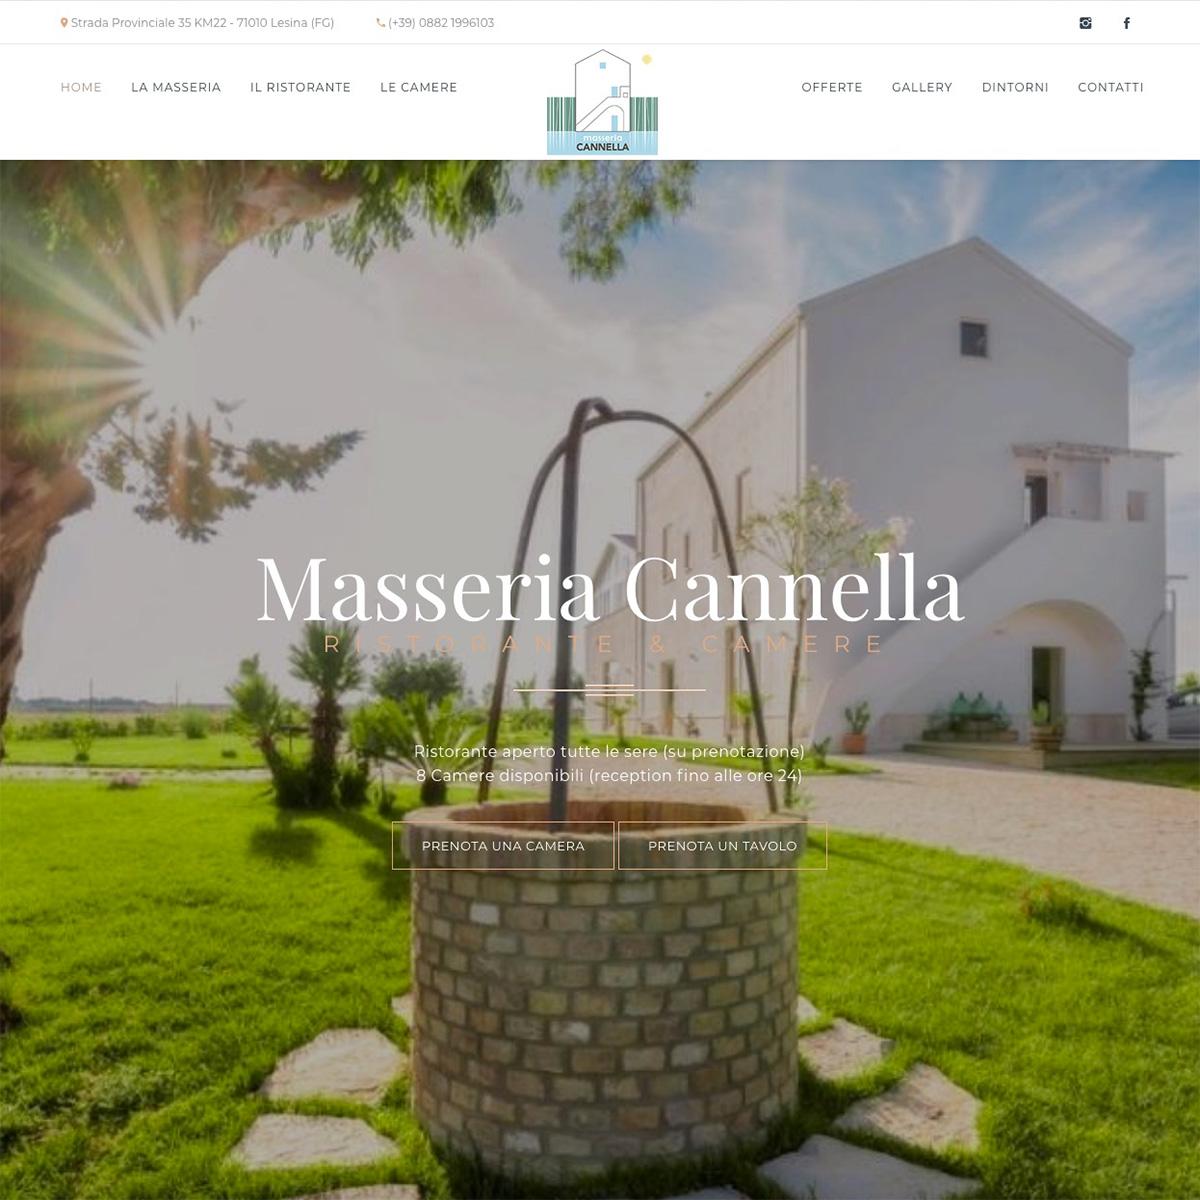 Masseria Cannella